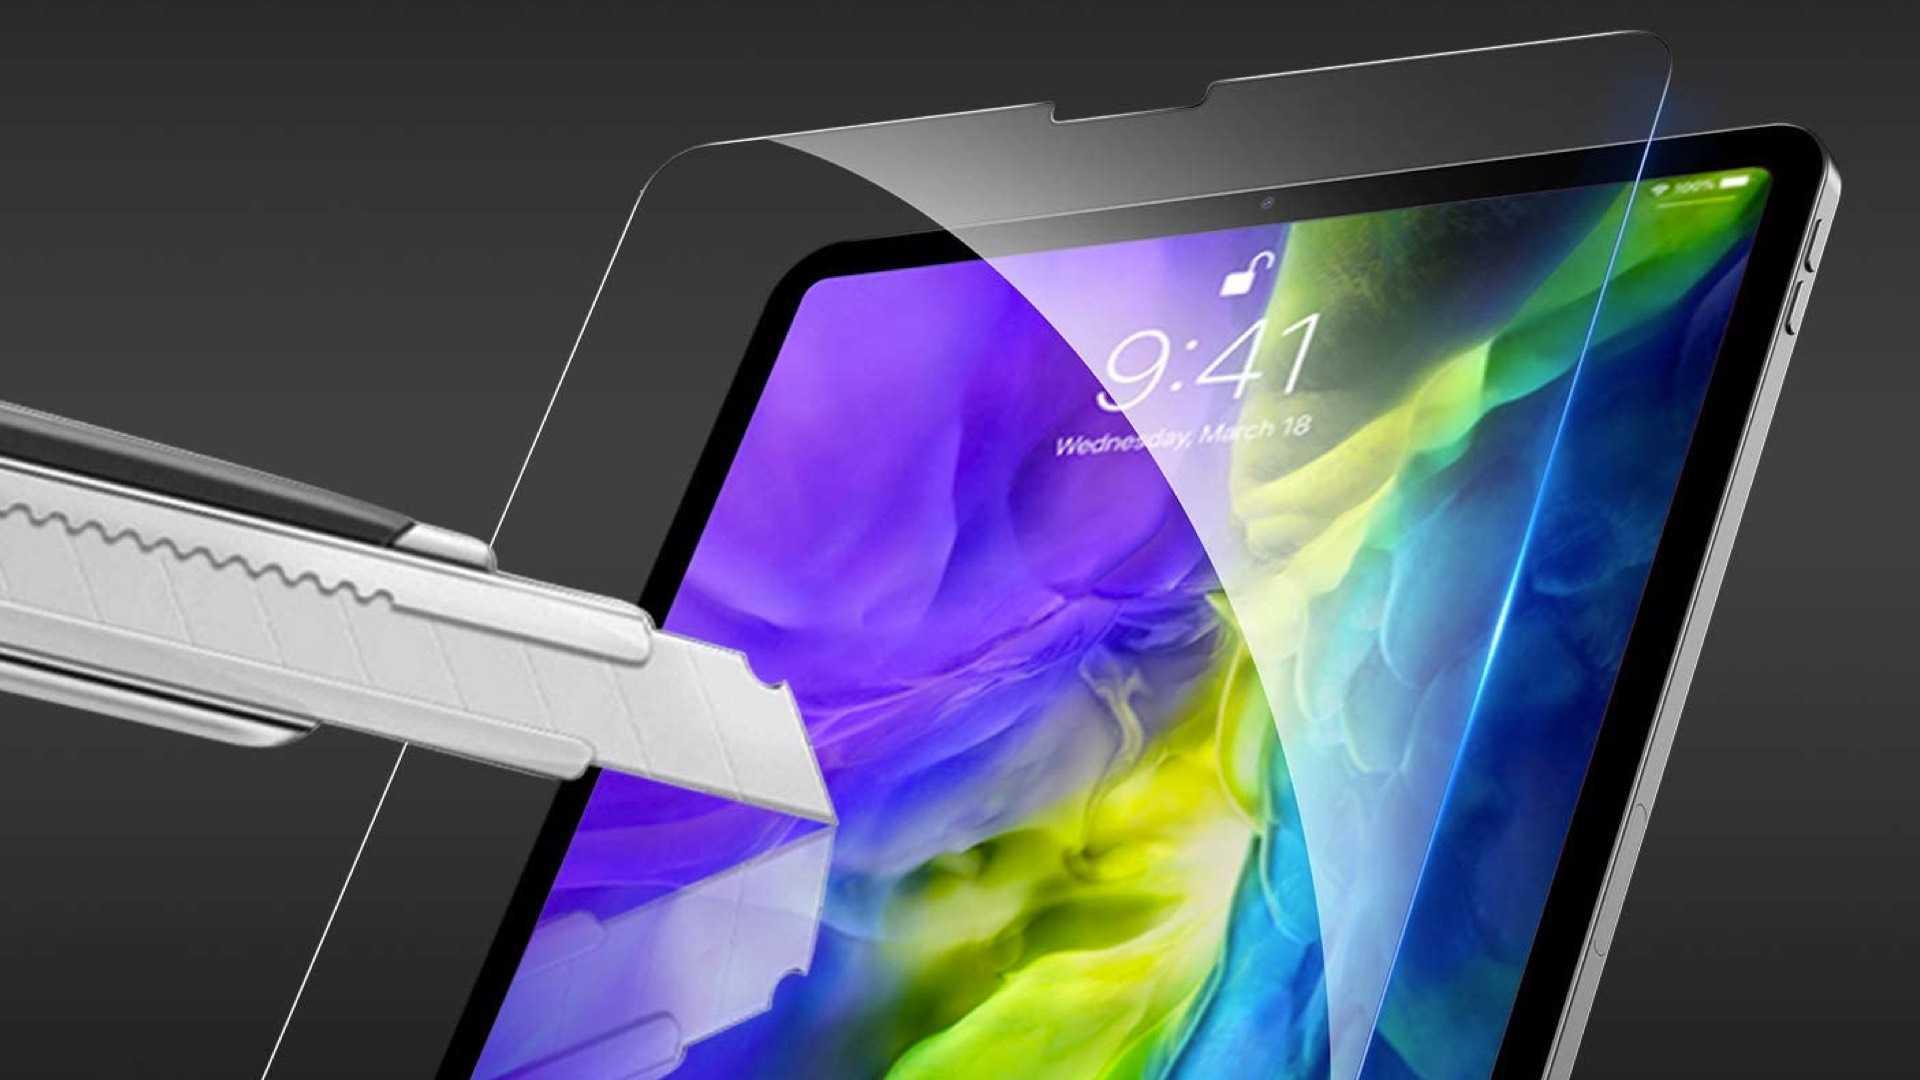 Стоит ли покупать новый ipad air 4? [сравнение с ipad air 2019 и ipad pro 2020]